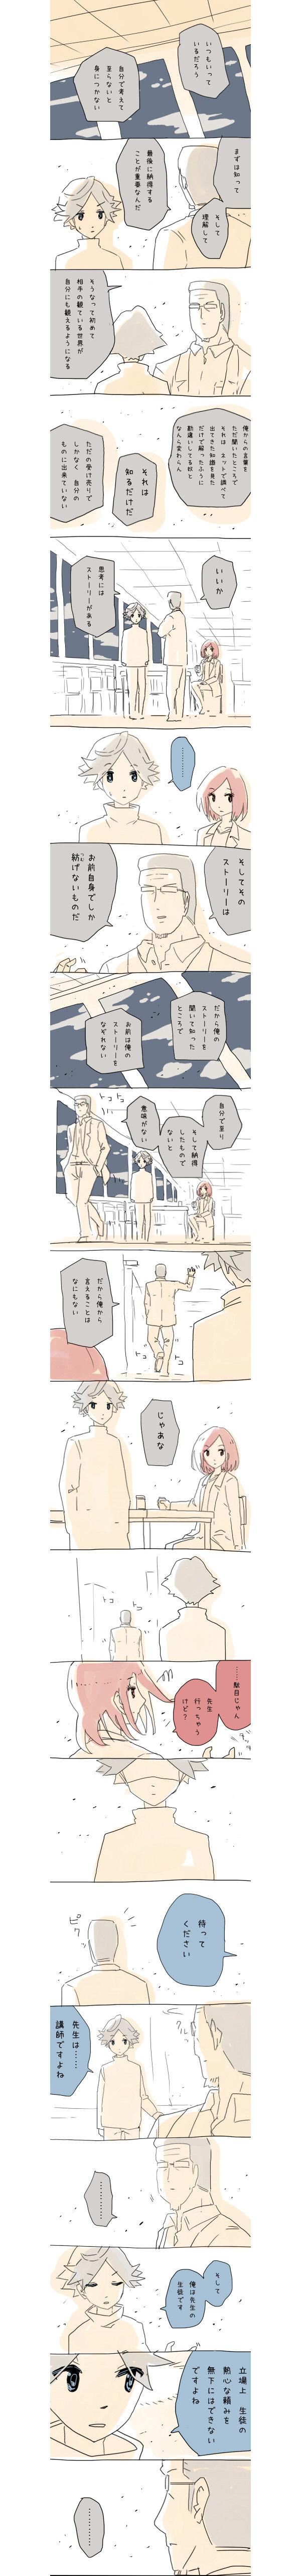 b21_11.jpg